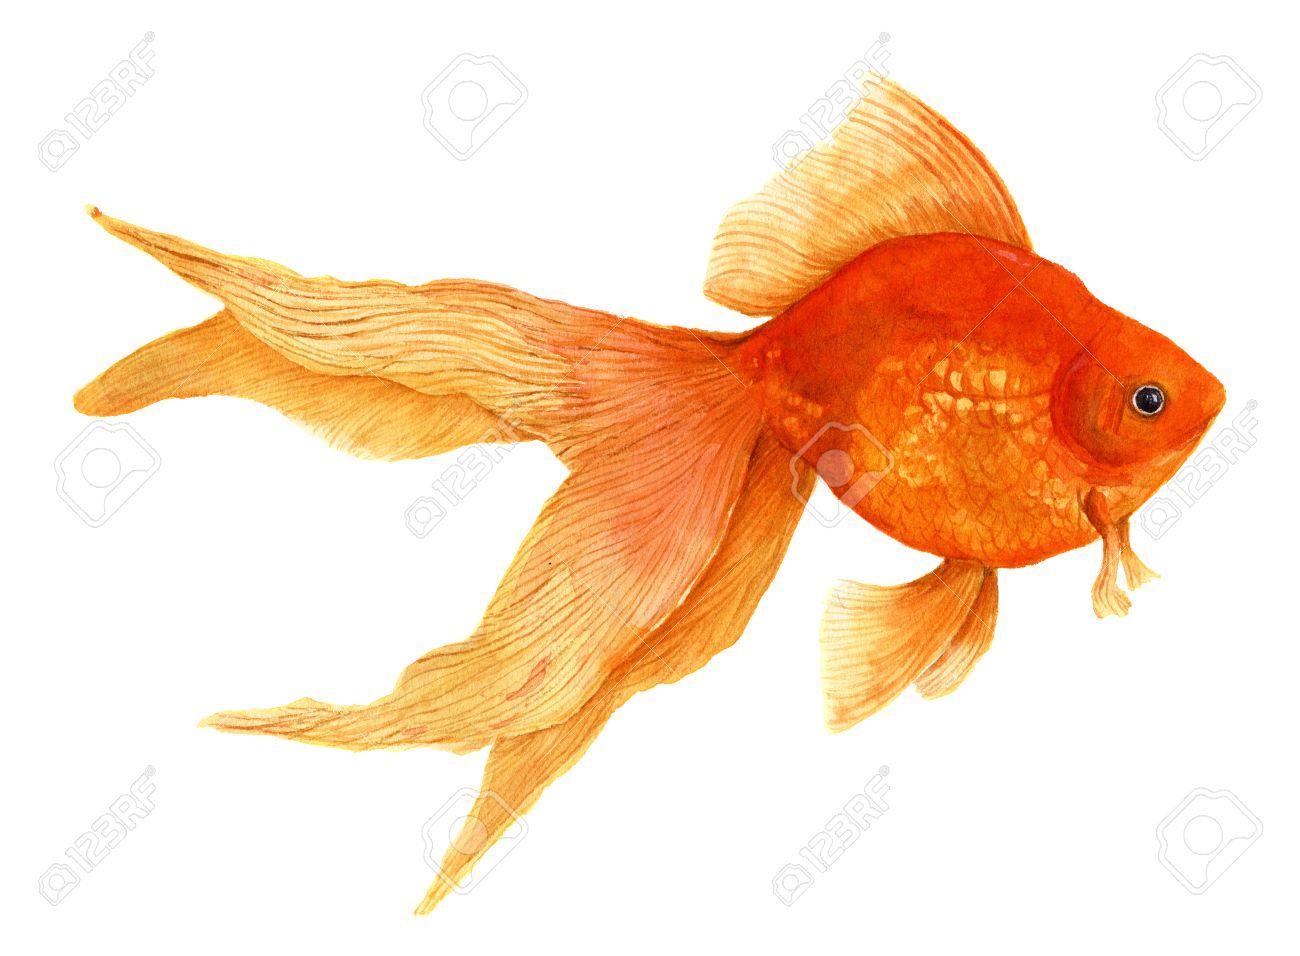 水彩金魚リアルなイラストです の写真素材画像素材 Image 53534080